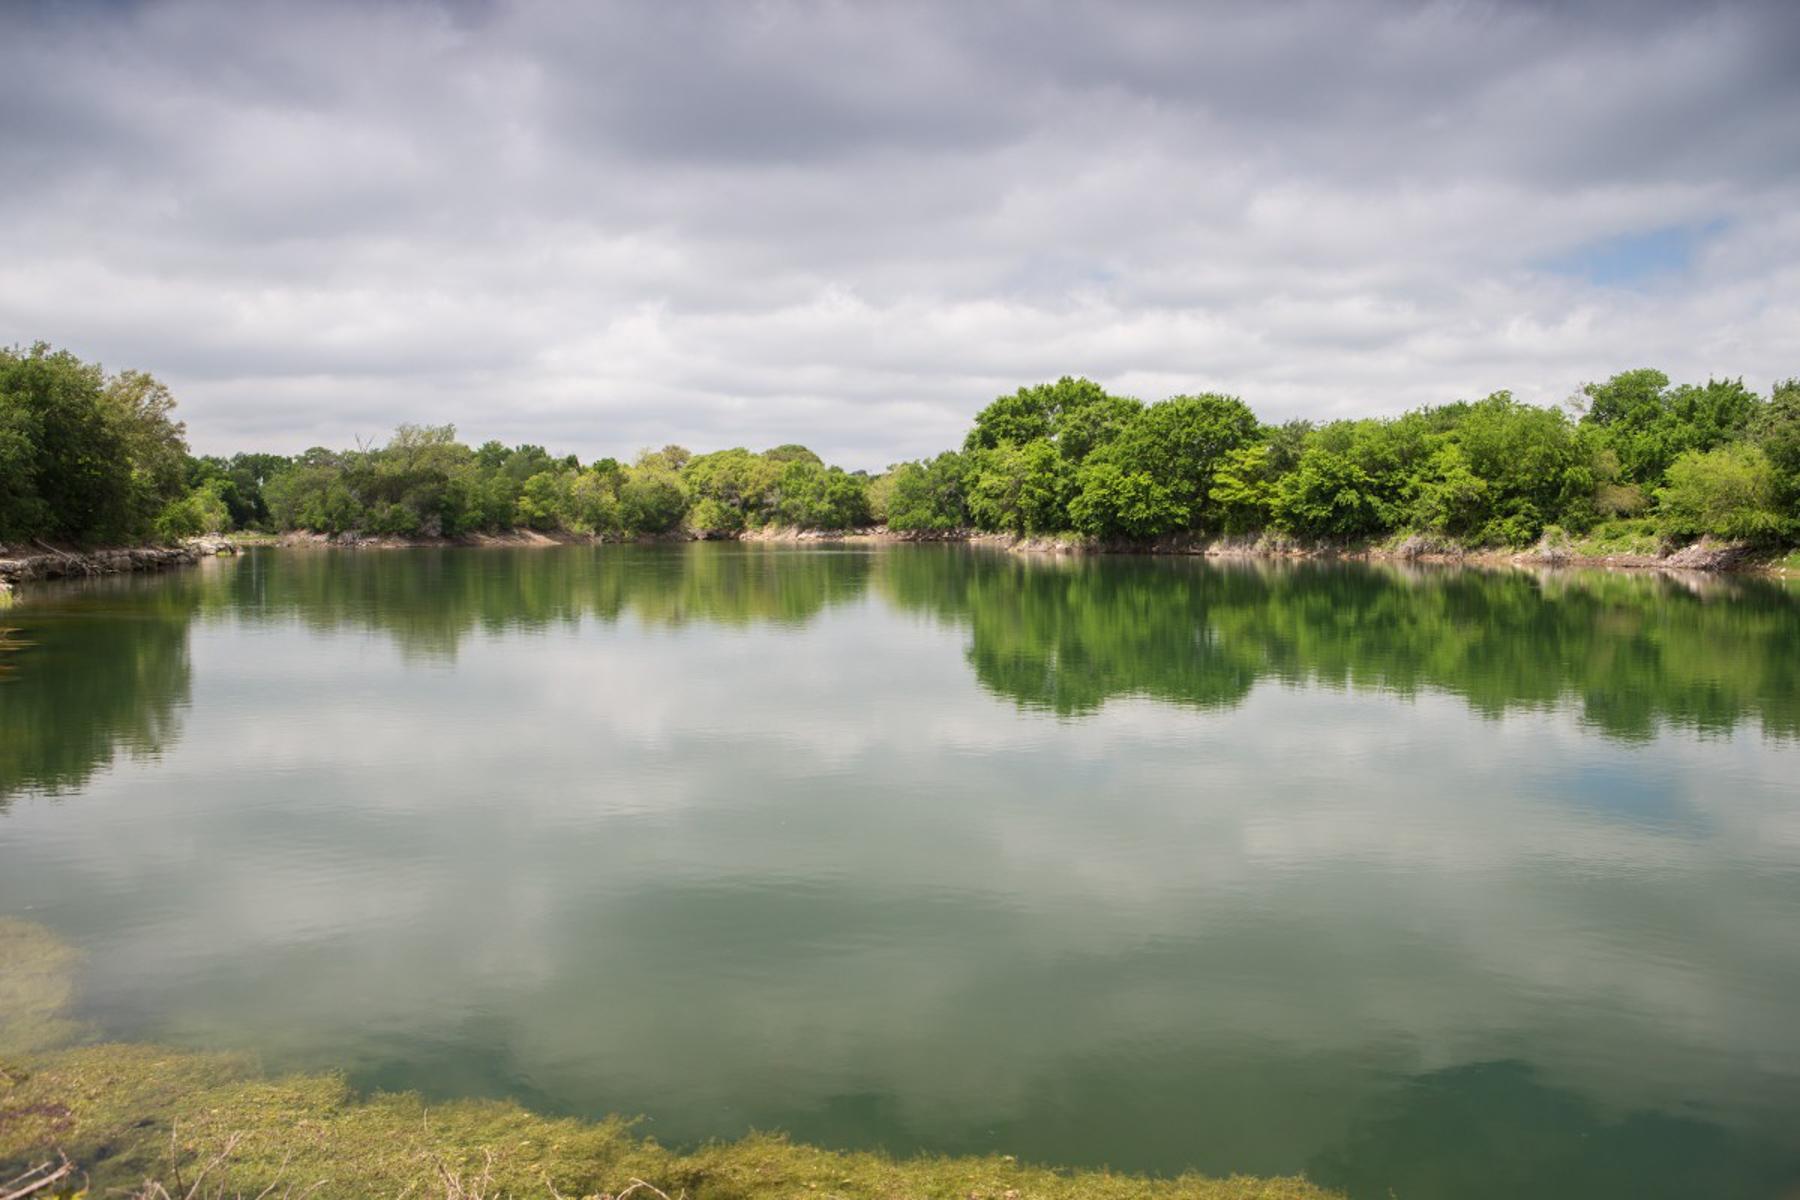 Terreno por un Venta en Hall Lake Ranch 17209 N Hwy 6 Valley Mills, Texas 76689 Estados Unidos